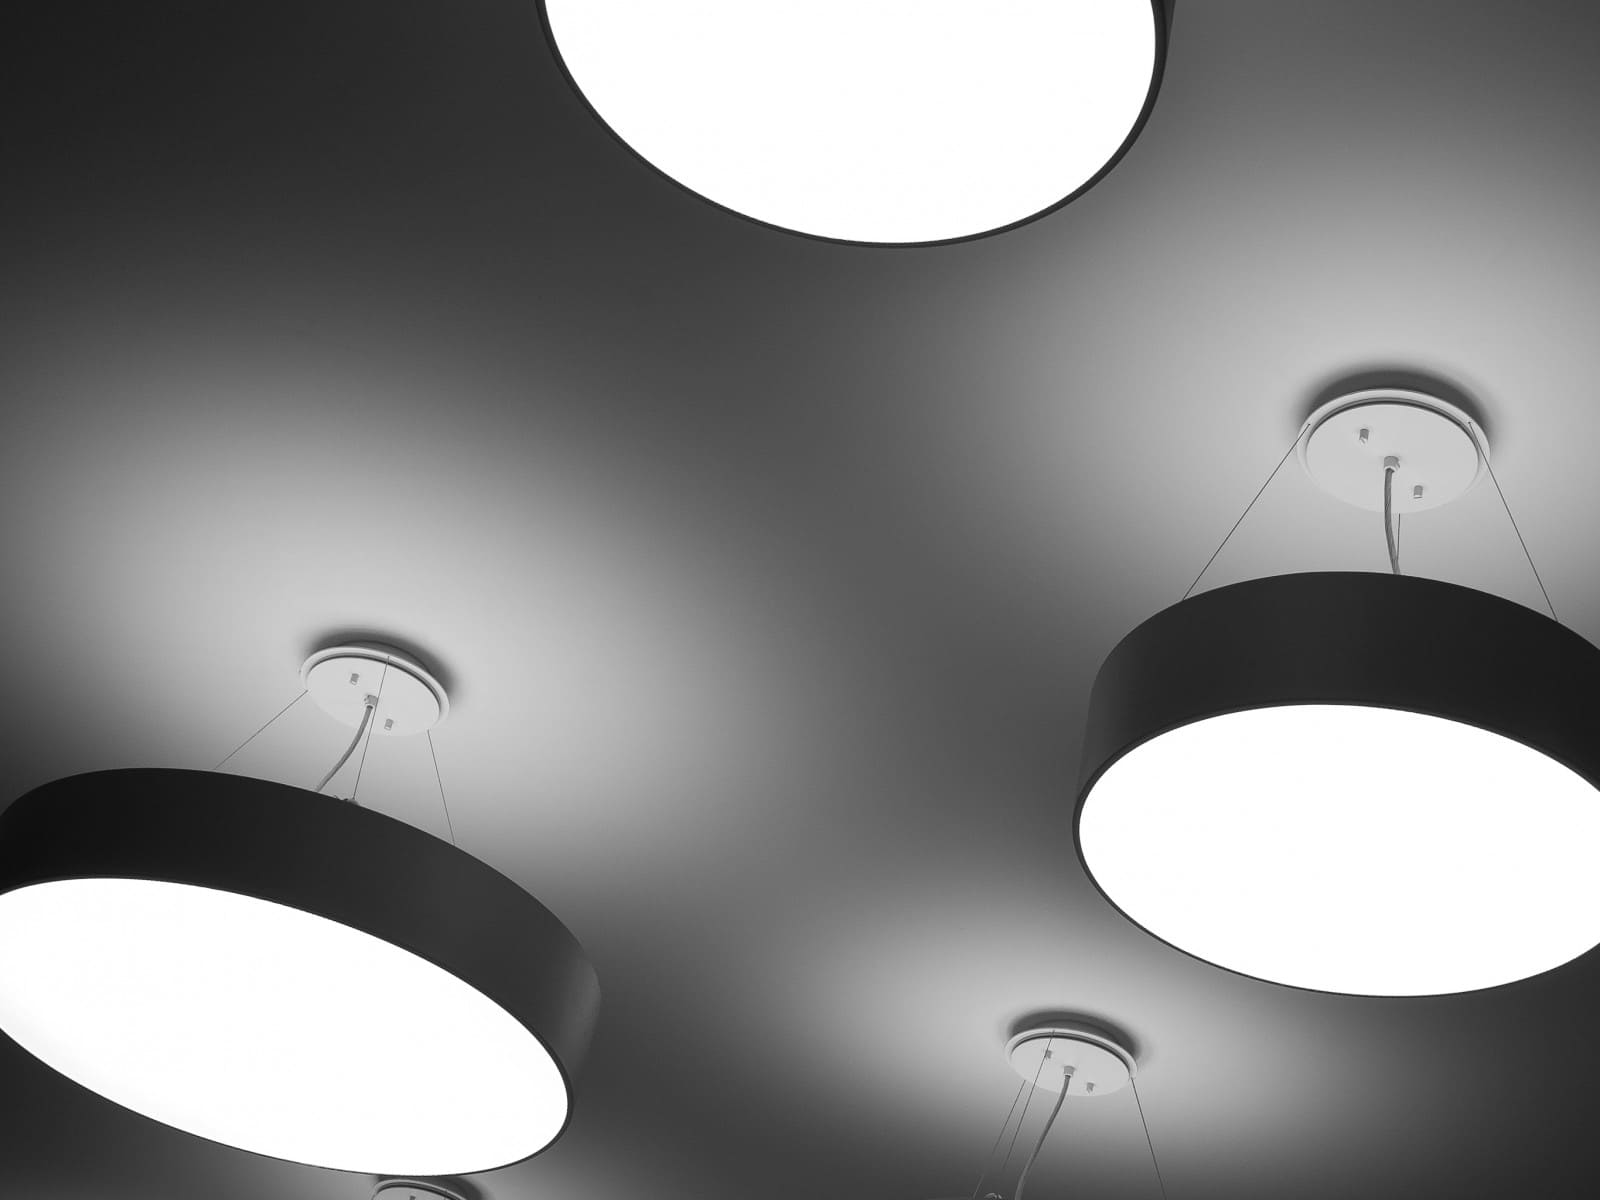 Prawidłowe Oświetlenie Miejsca Pracy Praca Biznespl